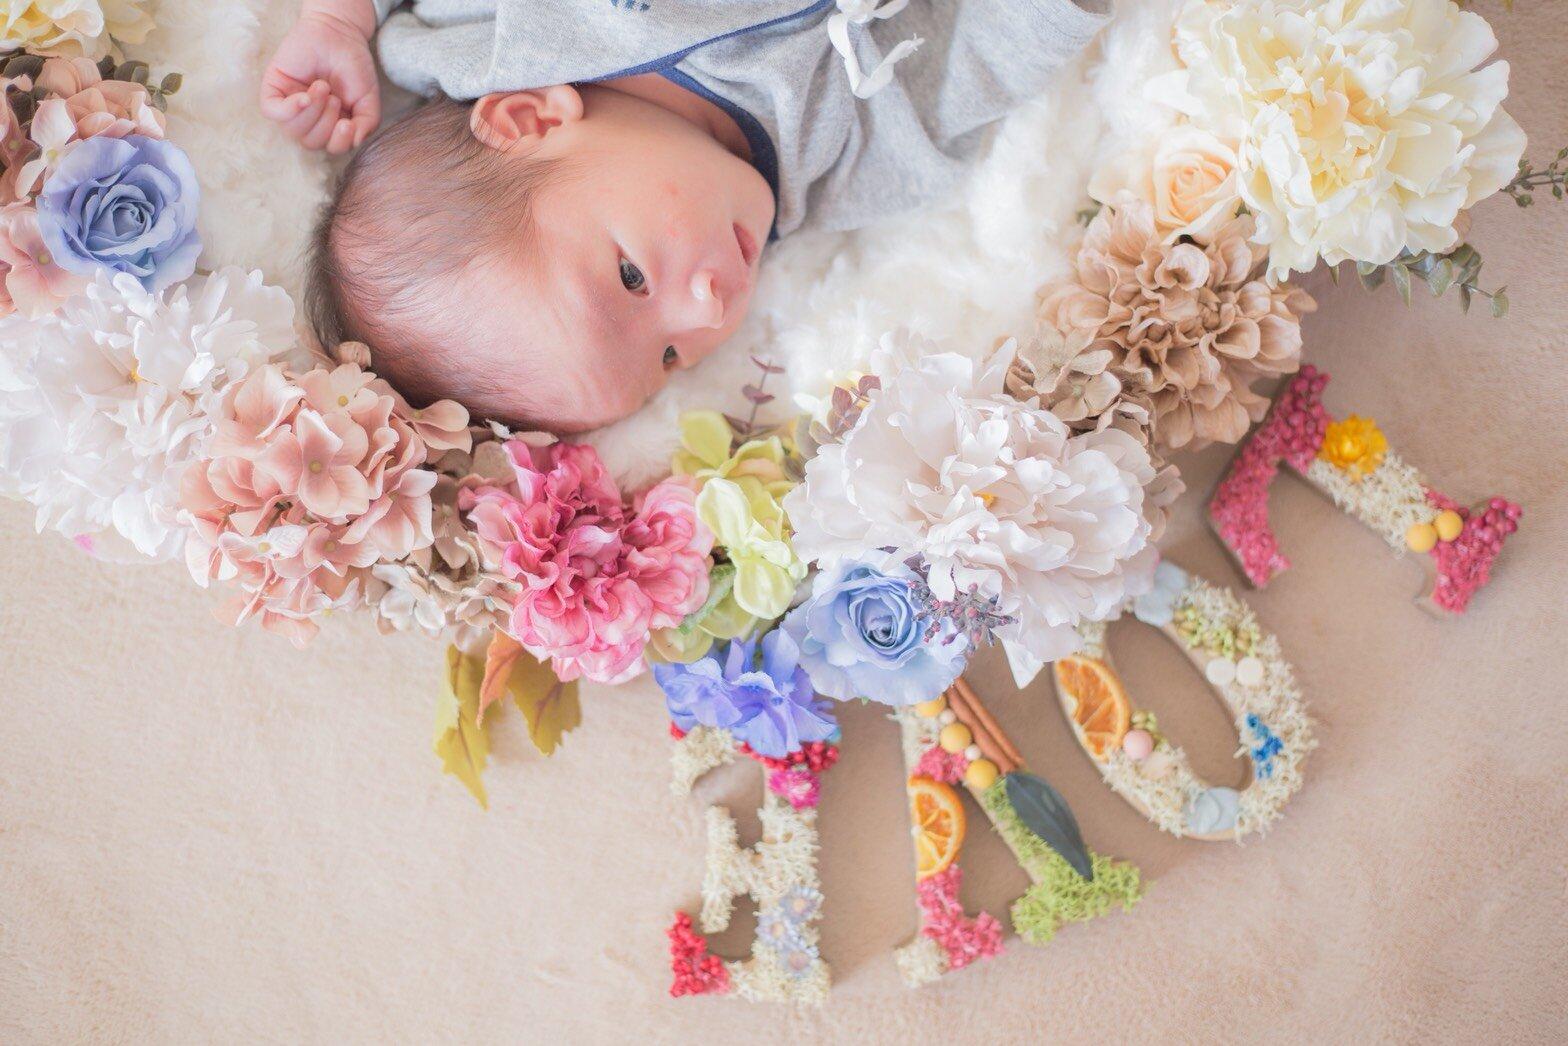 newborn-photo-1.jpg